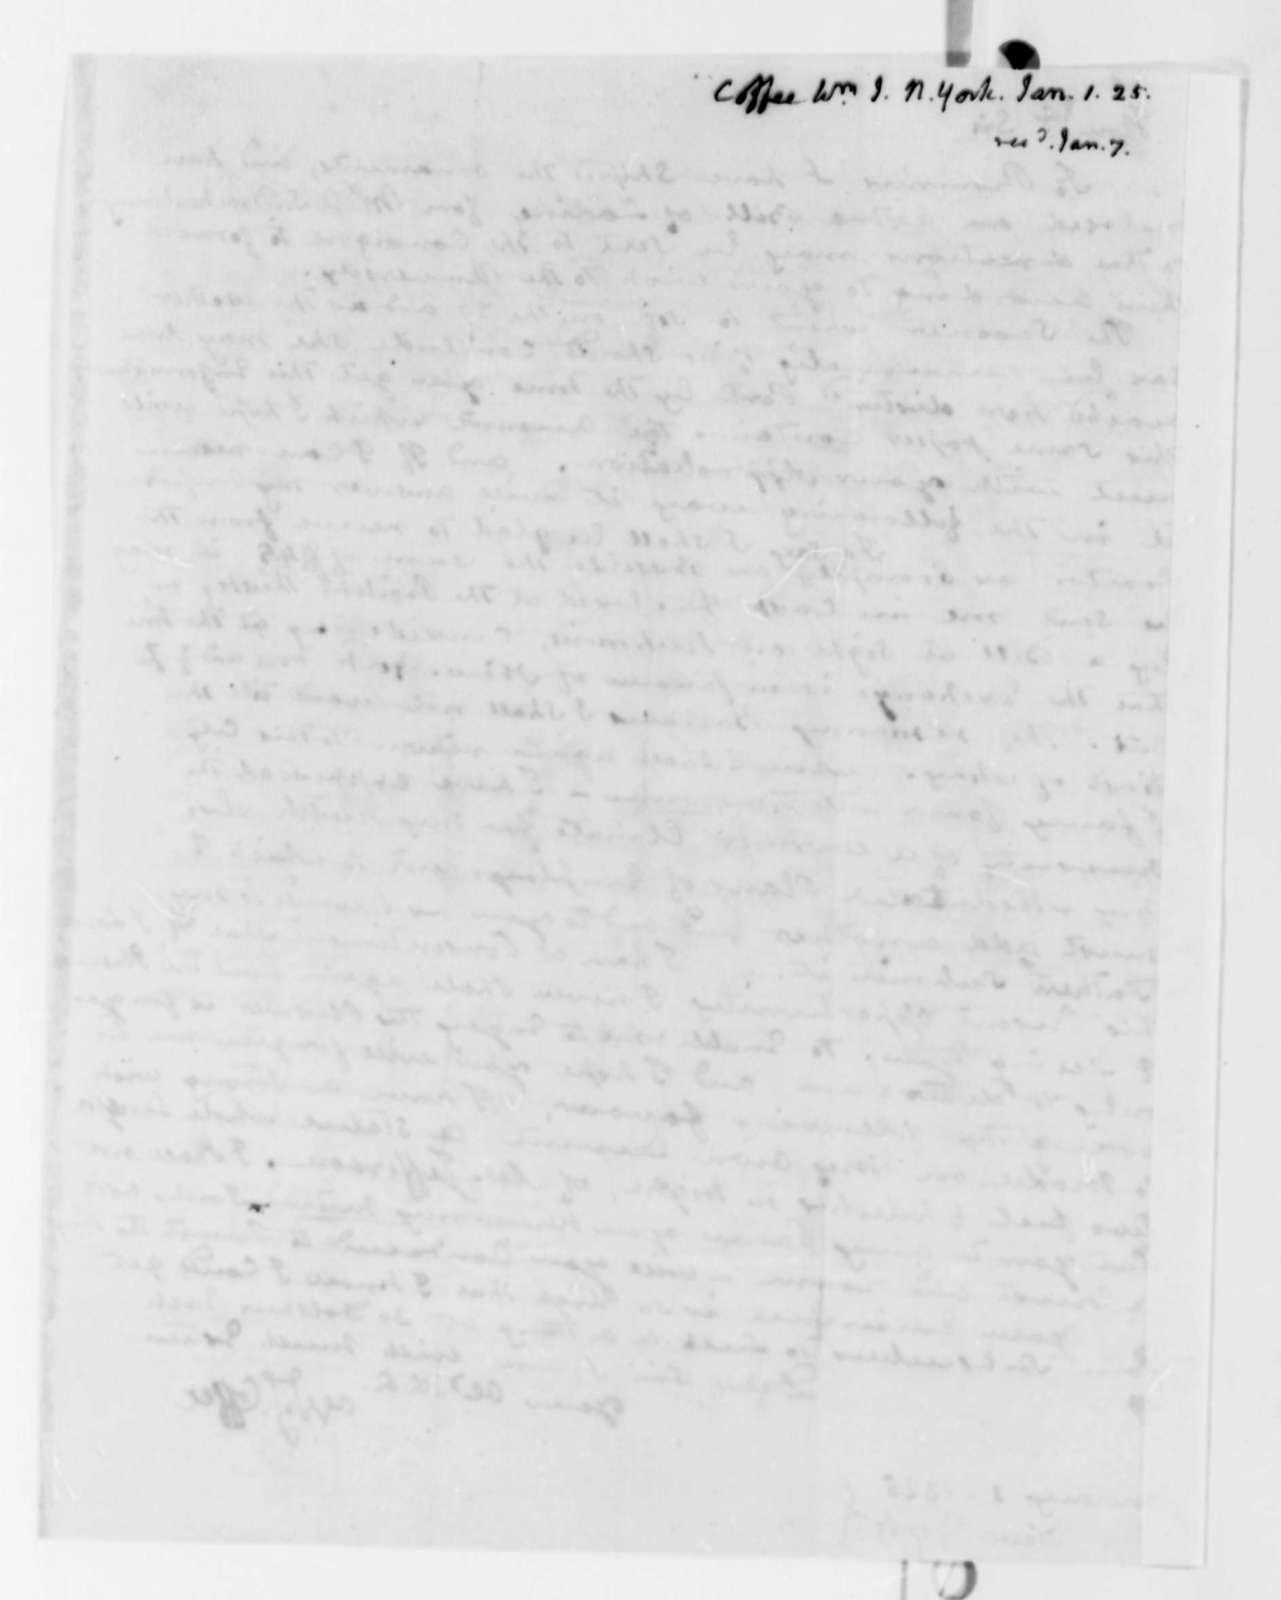 William J. Coffee to Thomas Jefferson, January 1, 1825